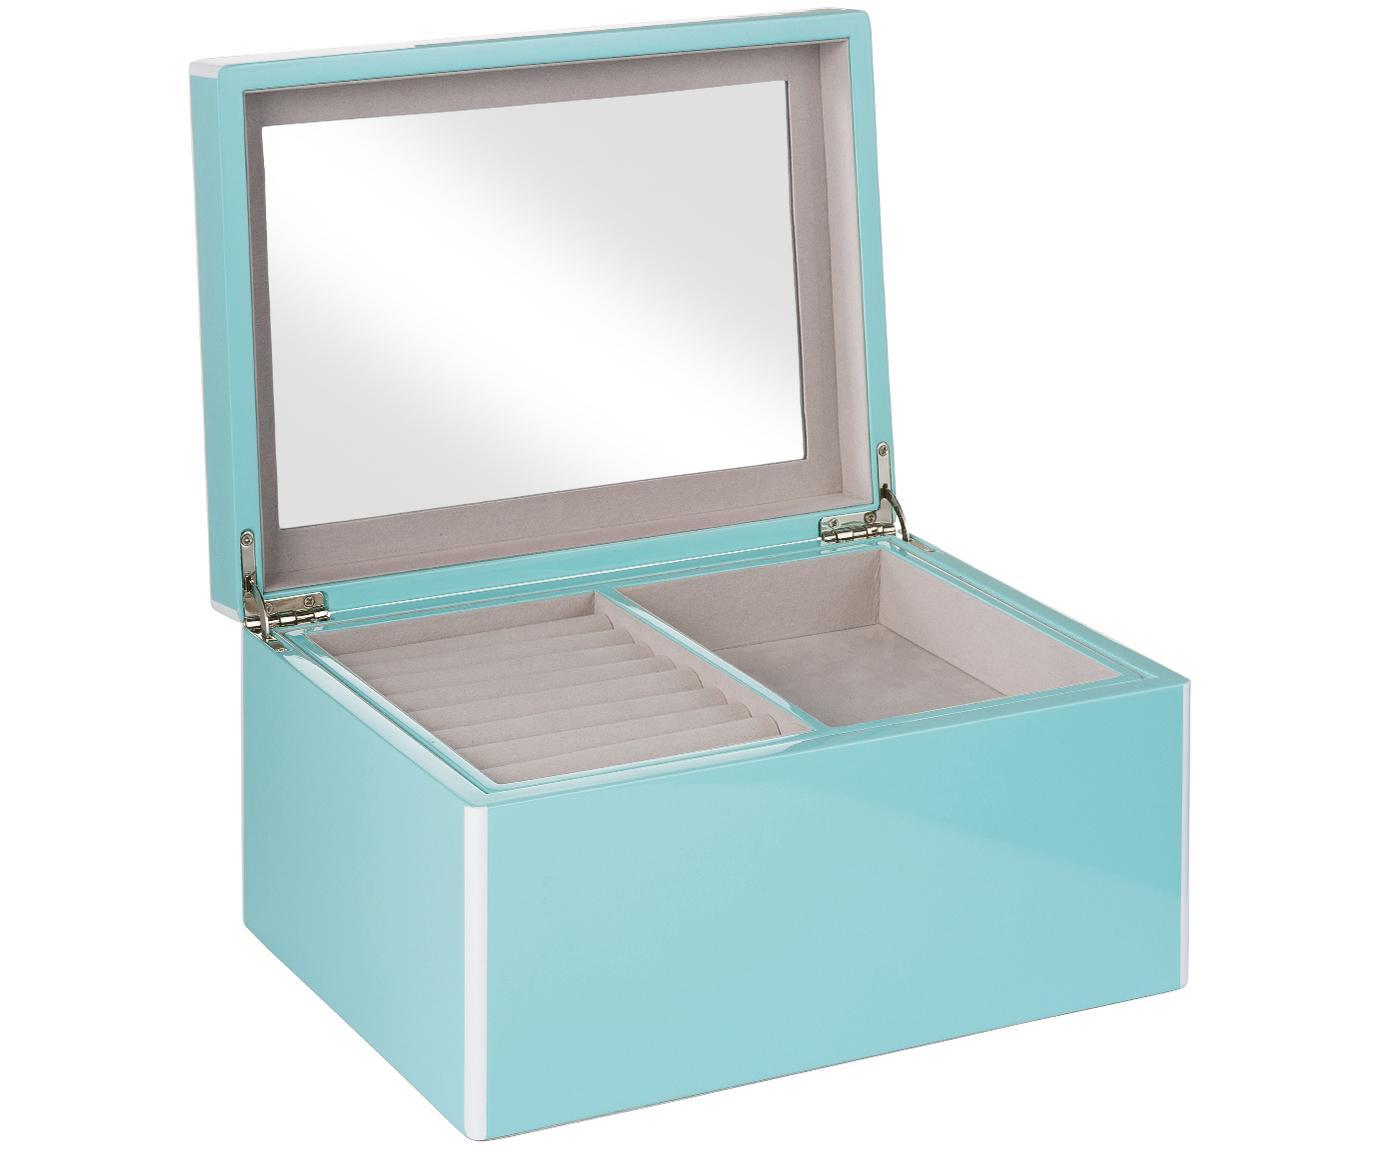 Portagioie con specchio Taylor, Blu chiaro, Larg. 26 x Alt. 13 cm